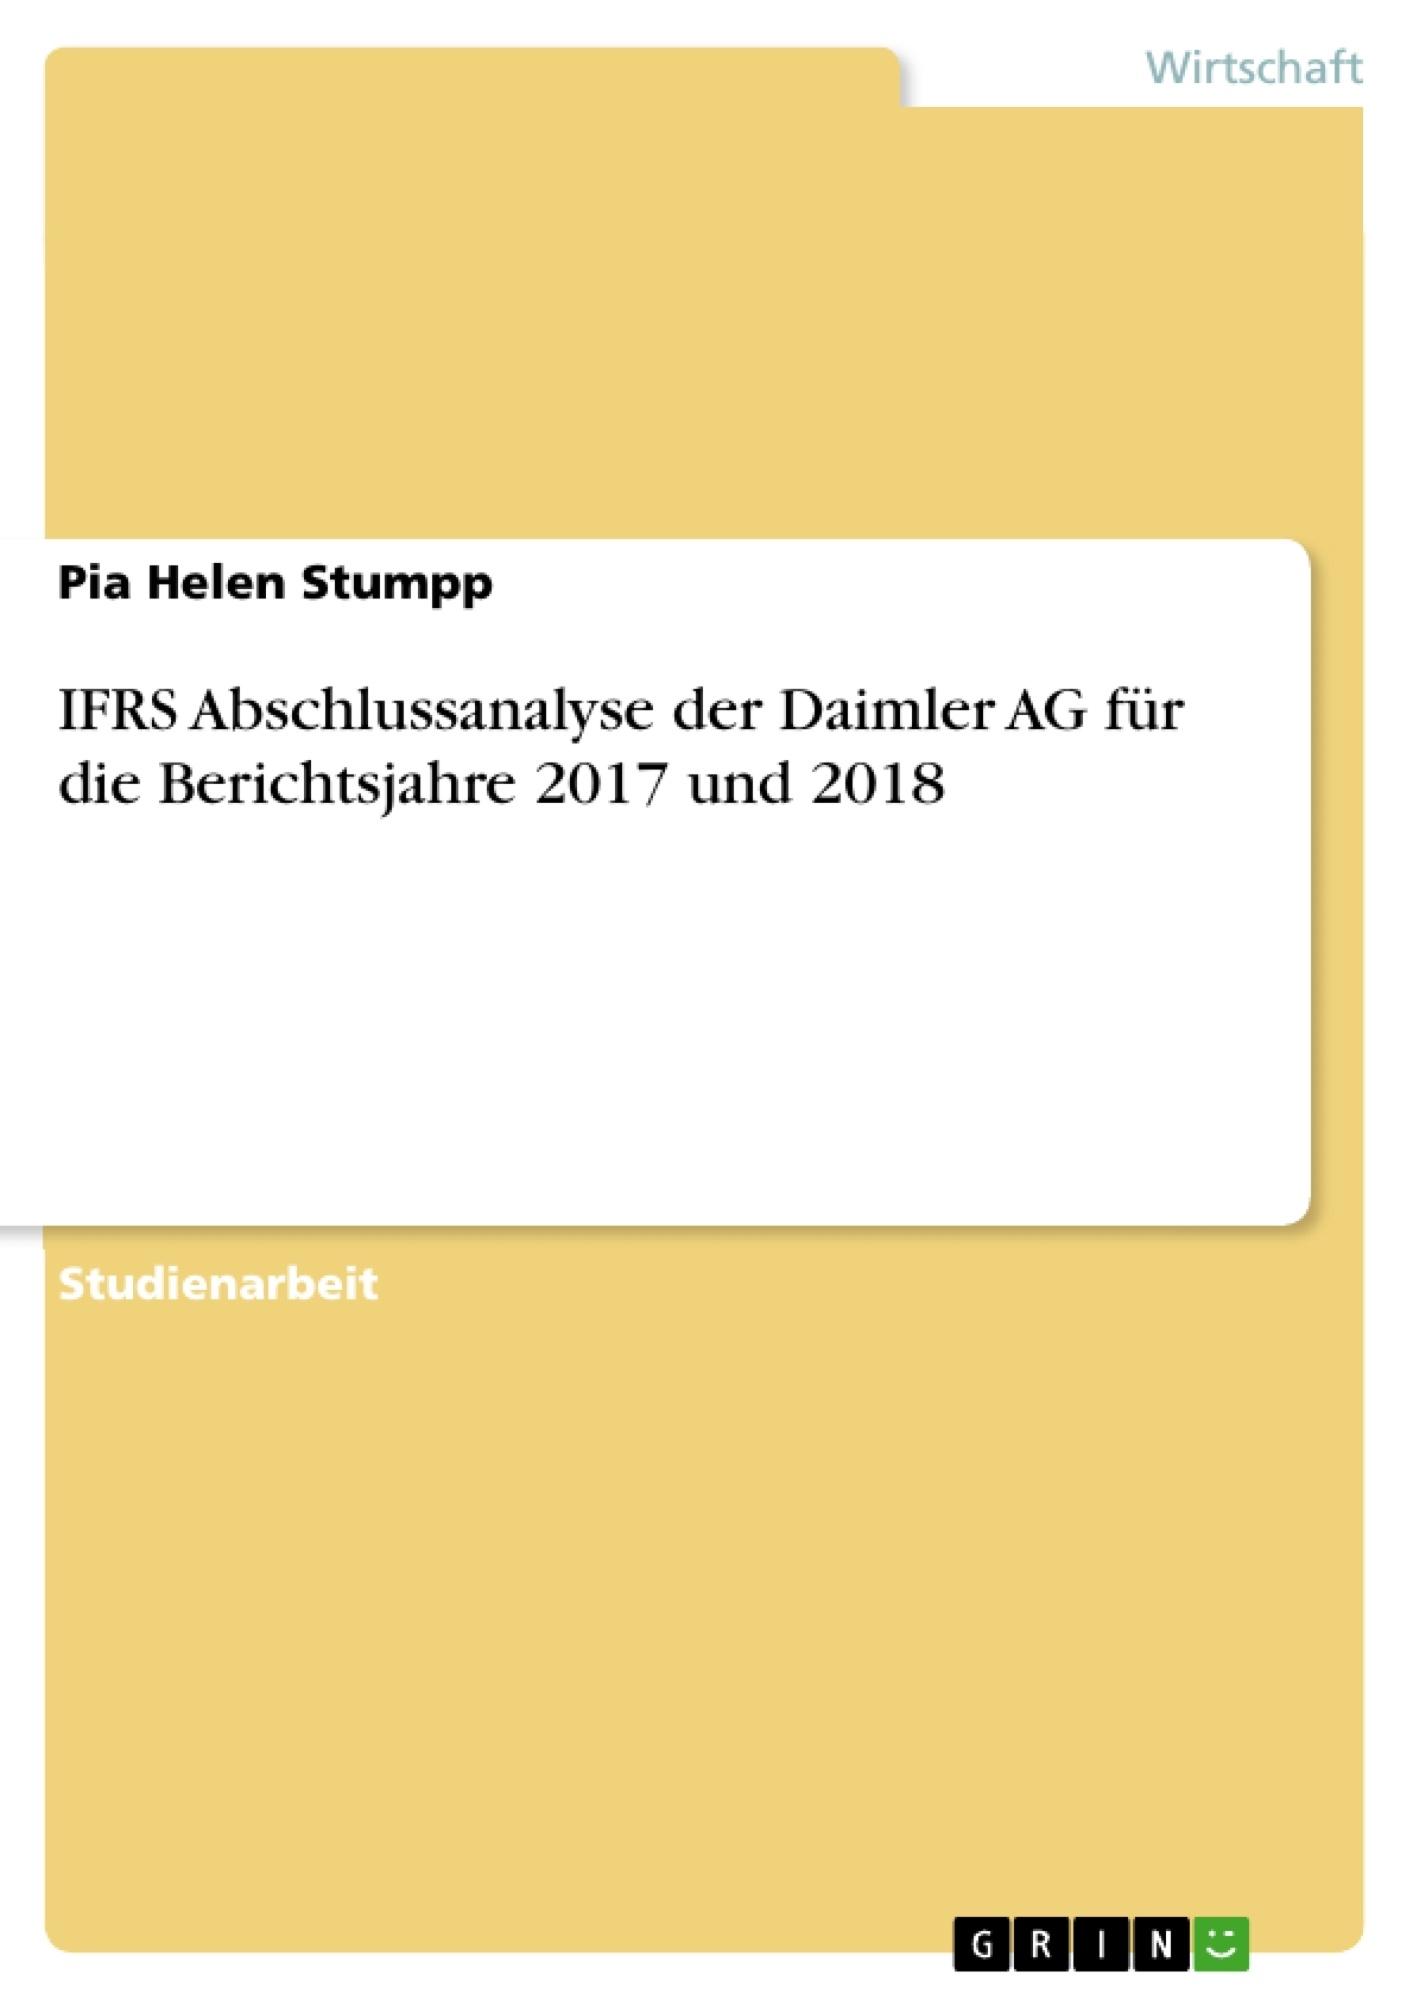 Titel: IFRS Abschlussanalyse der Daimler AG für die Berichtsjahre 2017 und 2018